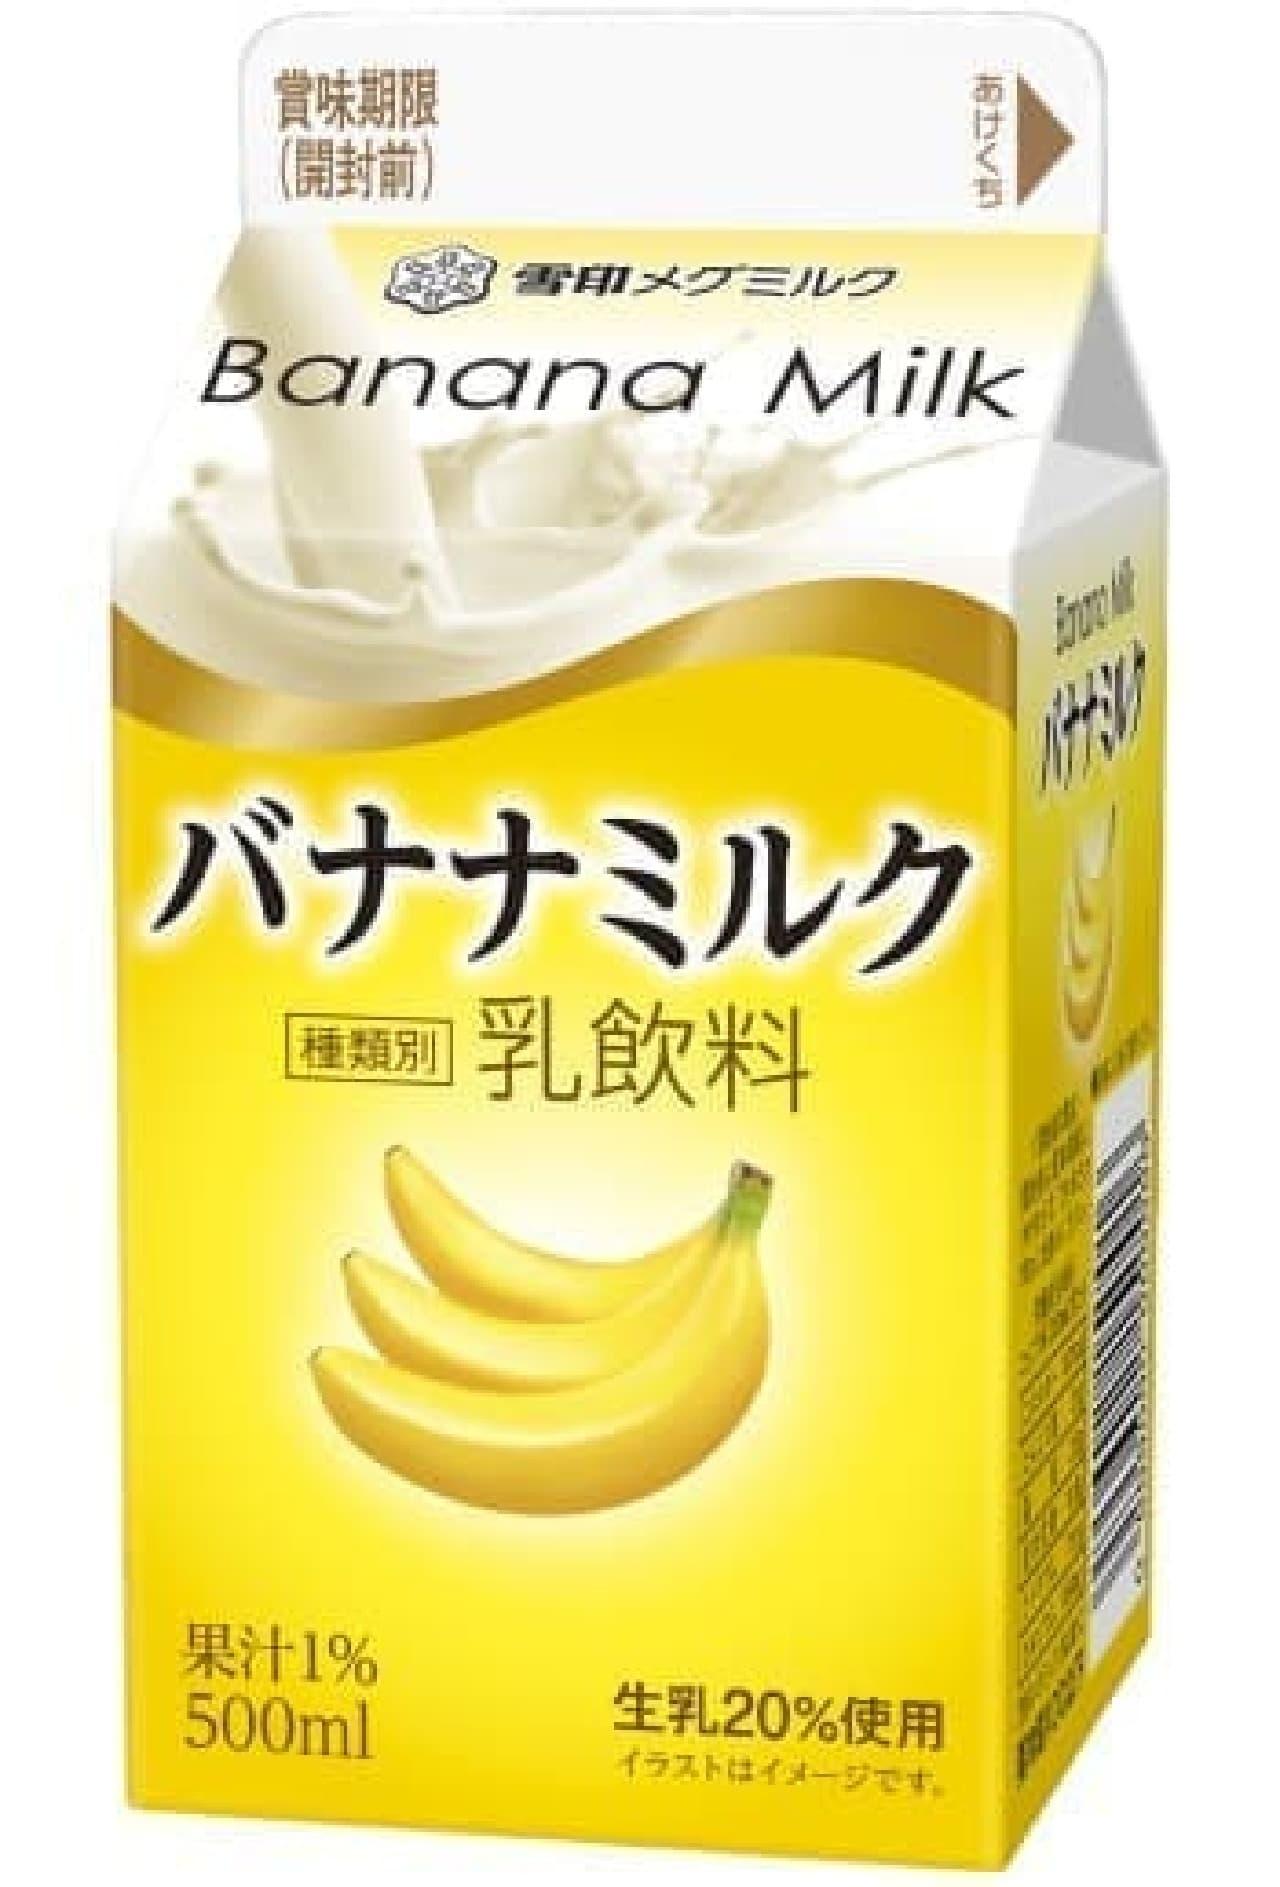 雪印メグミルク「バナナミルク」